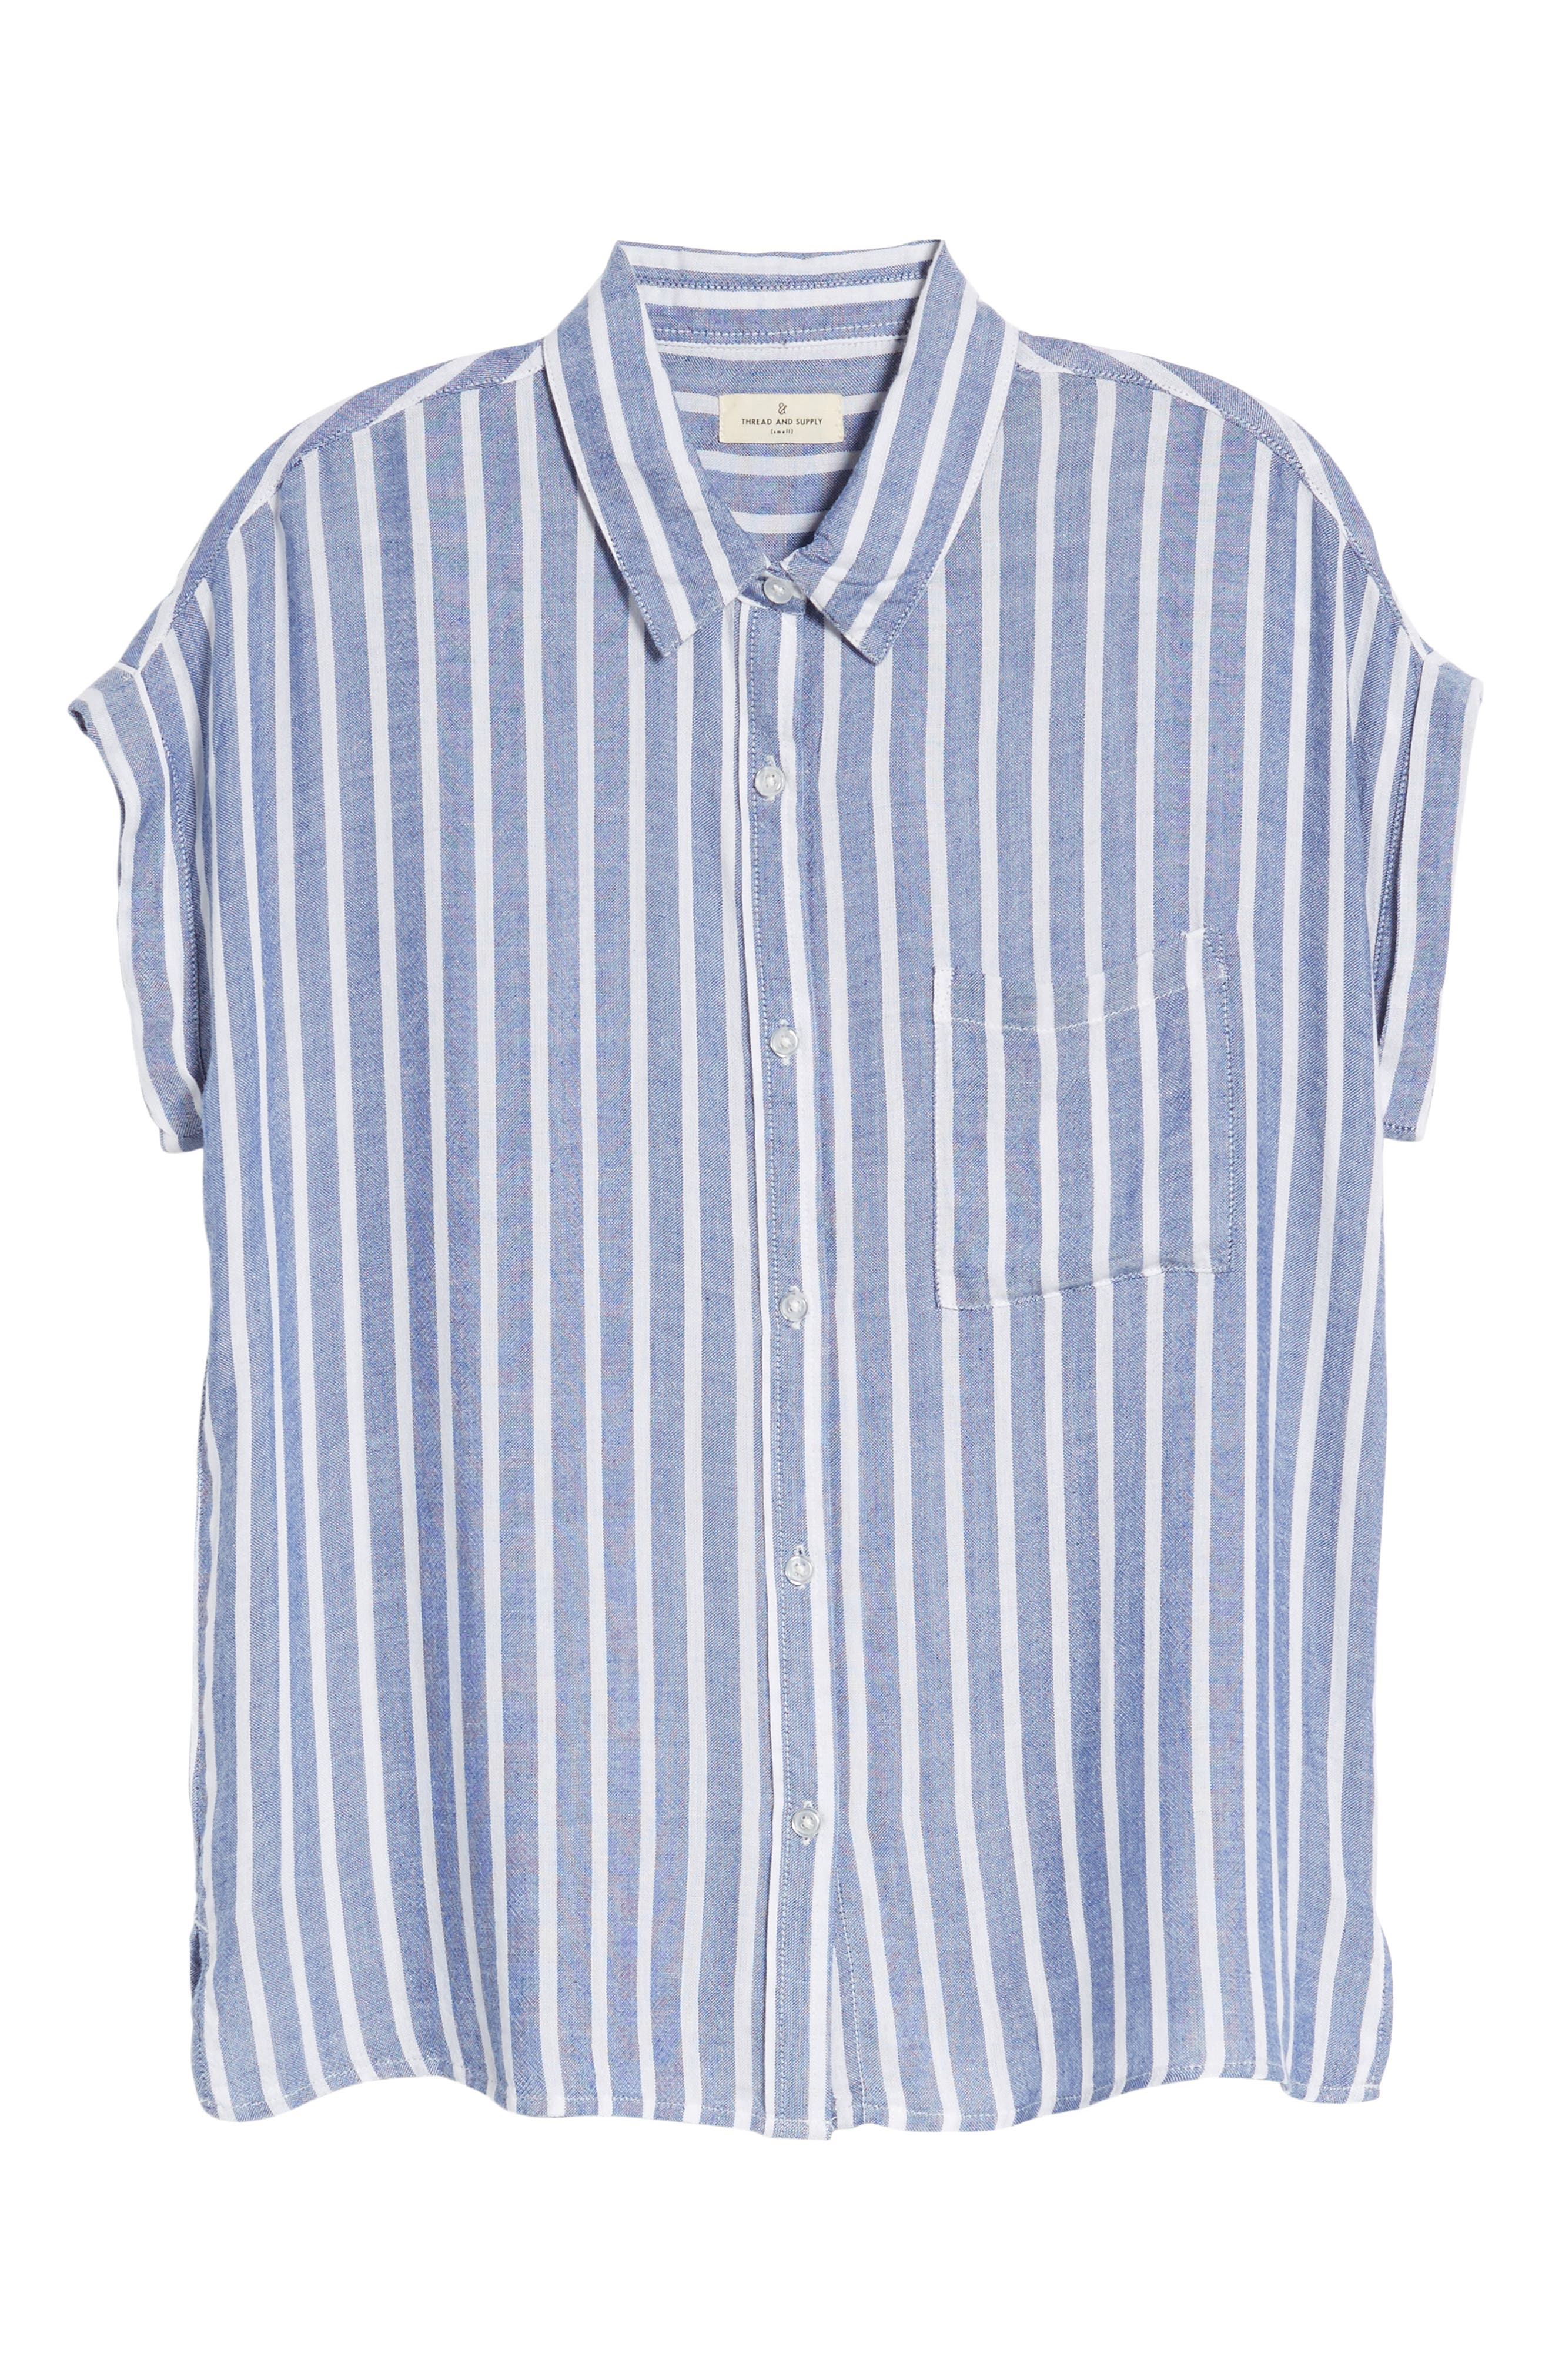 Benji Stripe Shirt,                             Alternate thumbnail 6, color,                             400